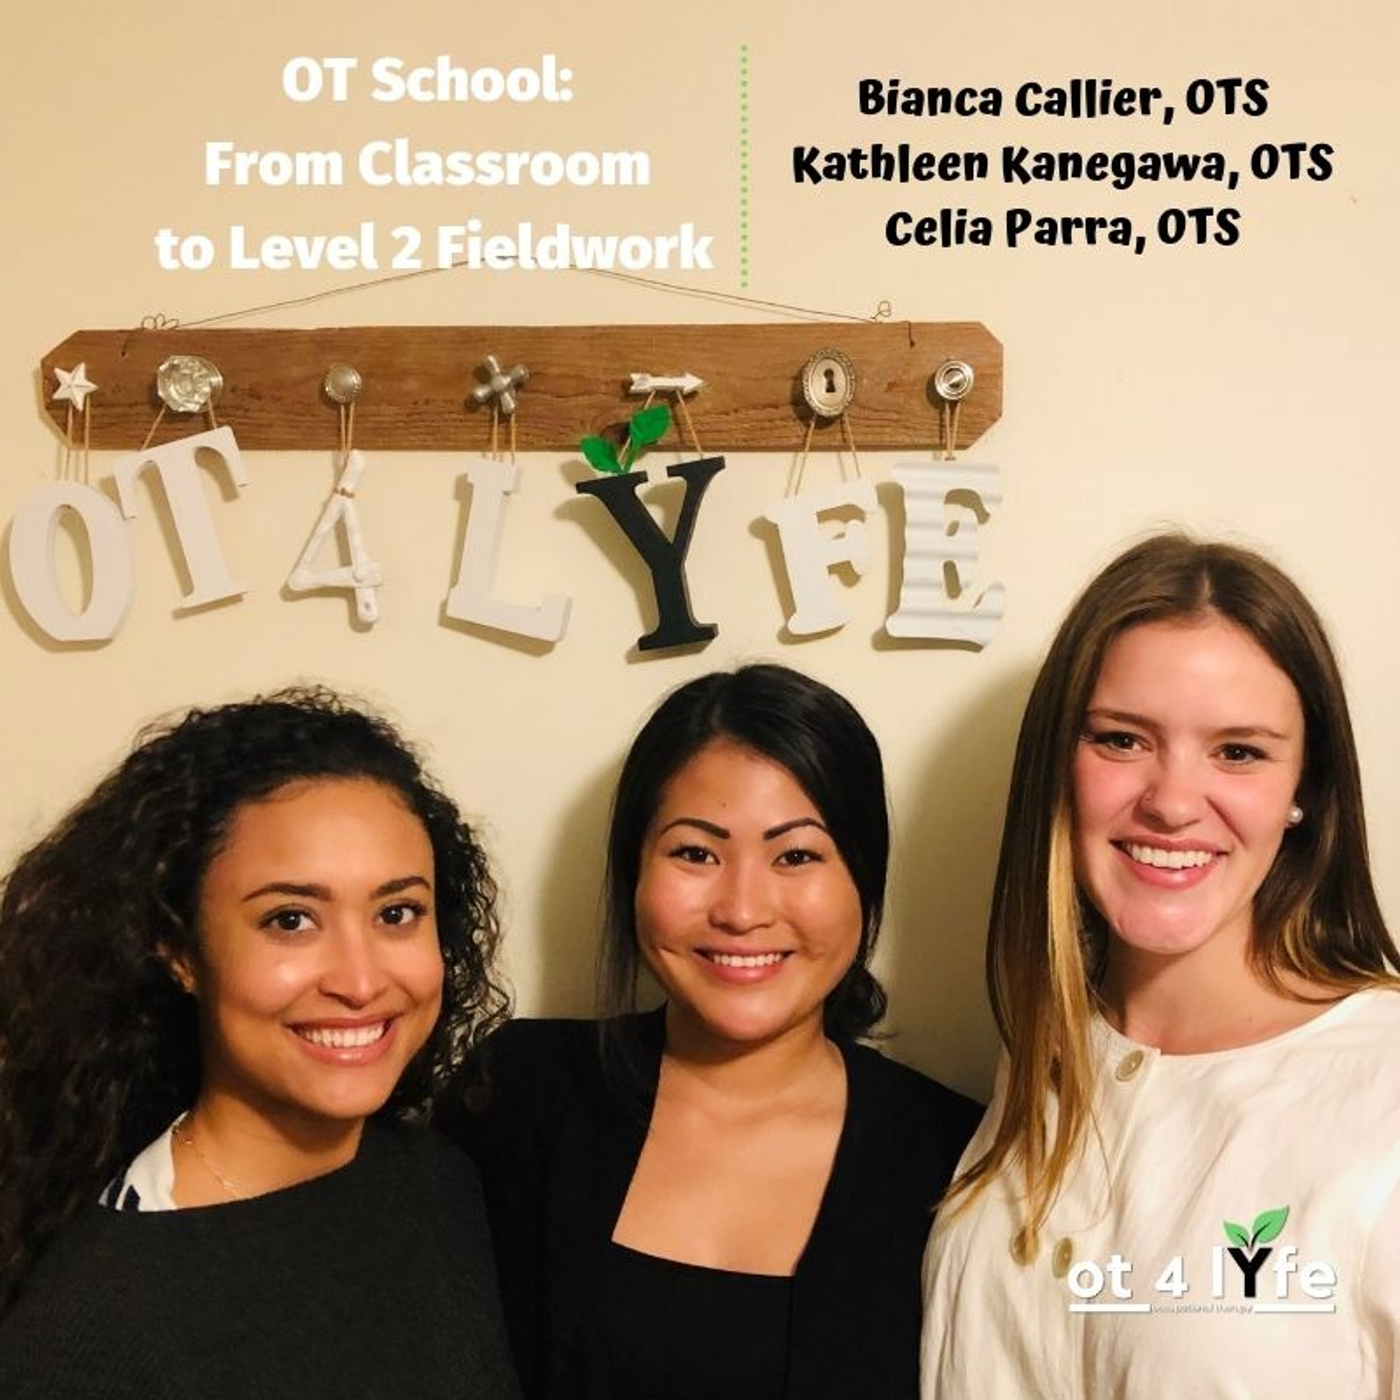 OT School: From Classroom to Level 2 Fieldwork